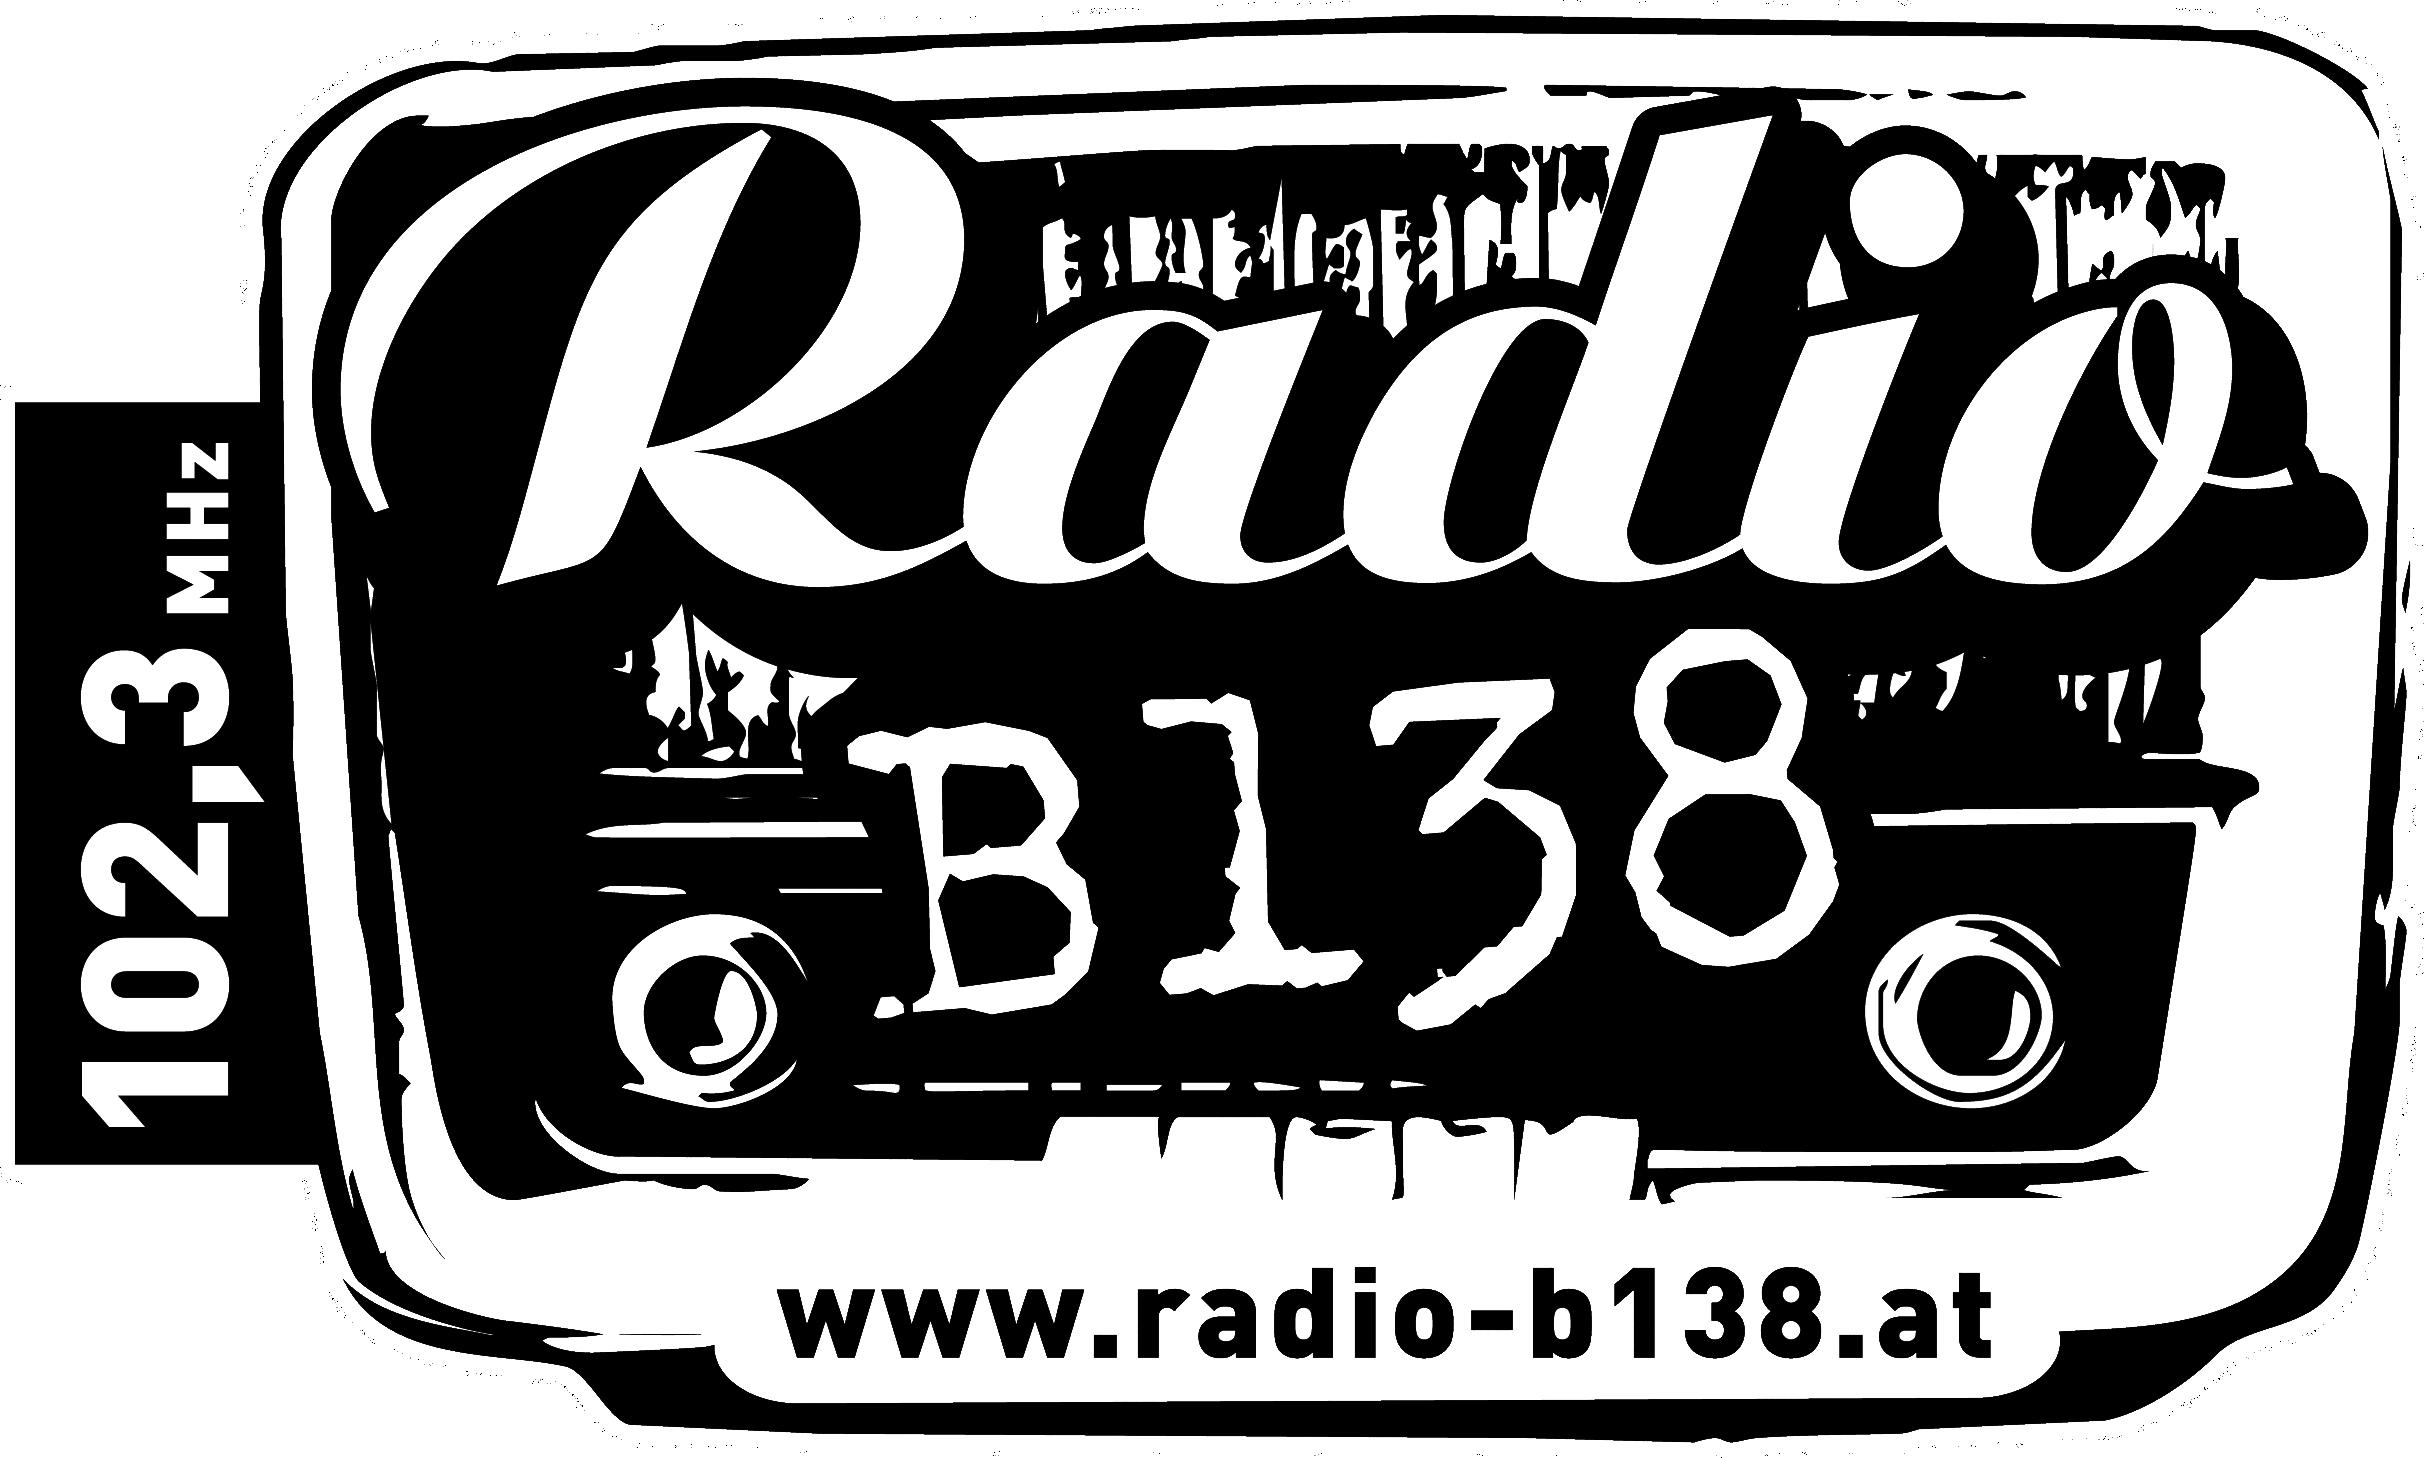 Logo Radio B138